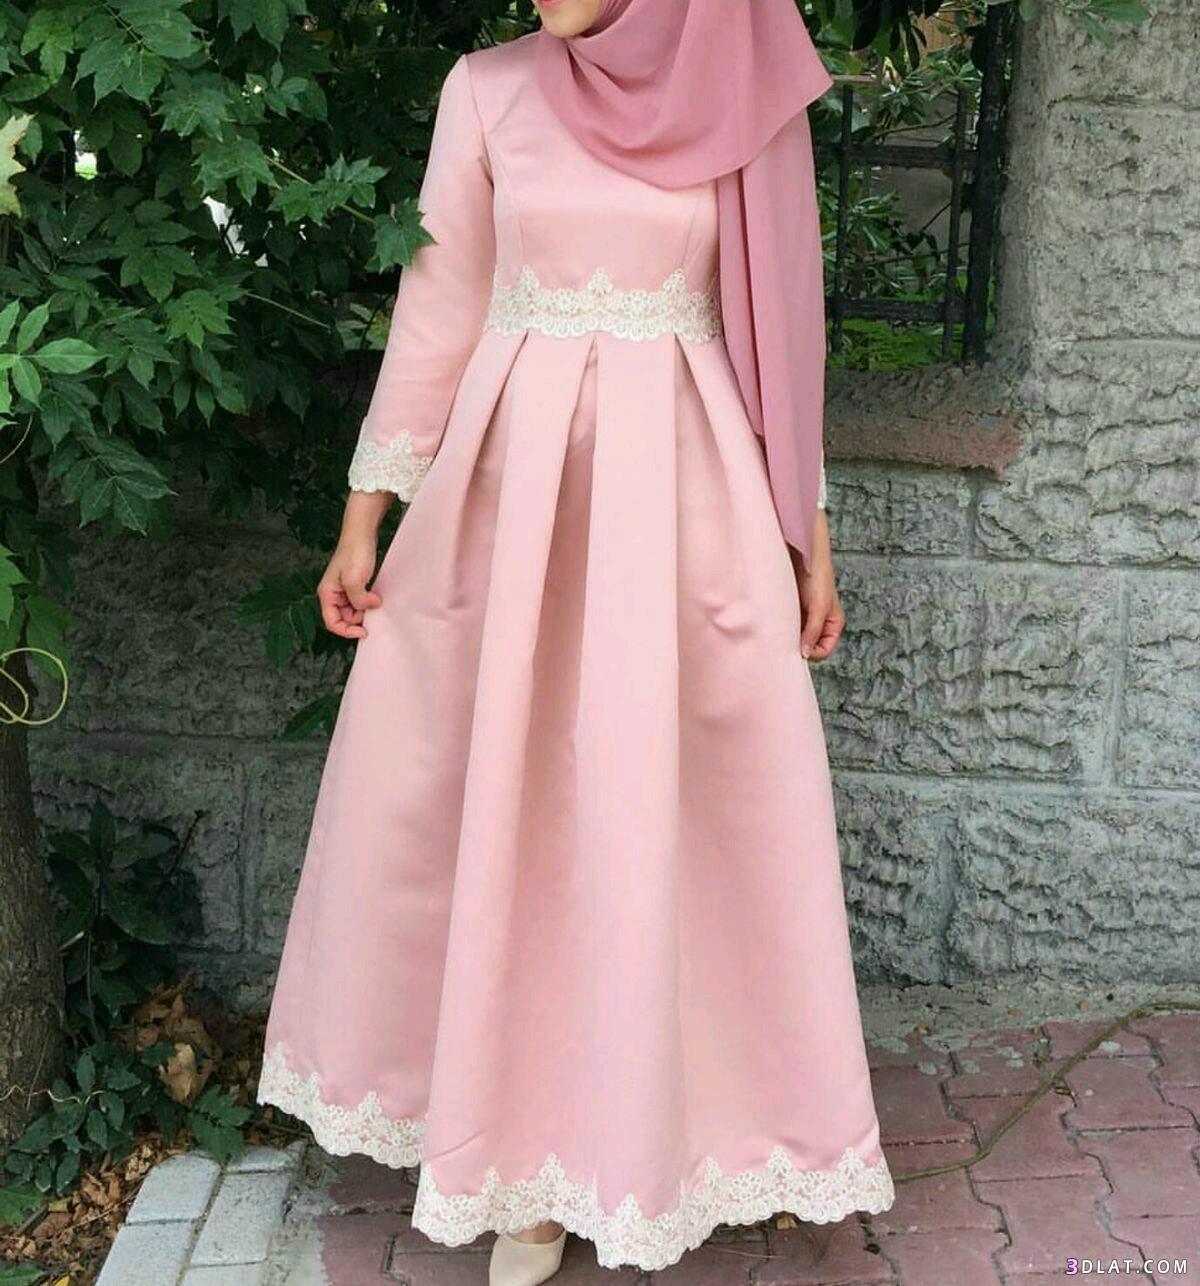 صورة فساتين تركية للمحجبات , اروع الفساتين التركية للبنات المحجبات في غاية اجمال 6453 5